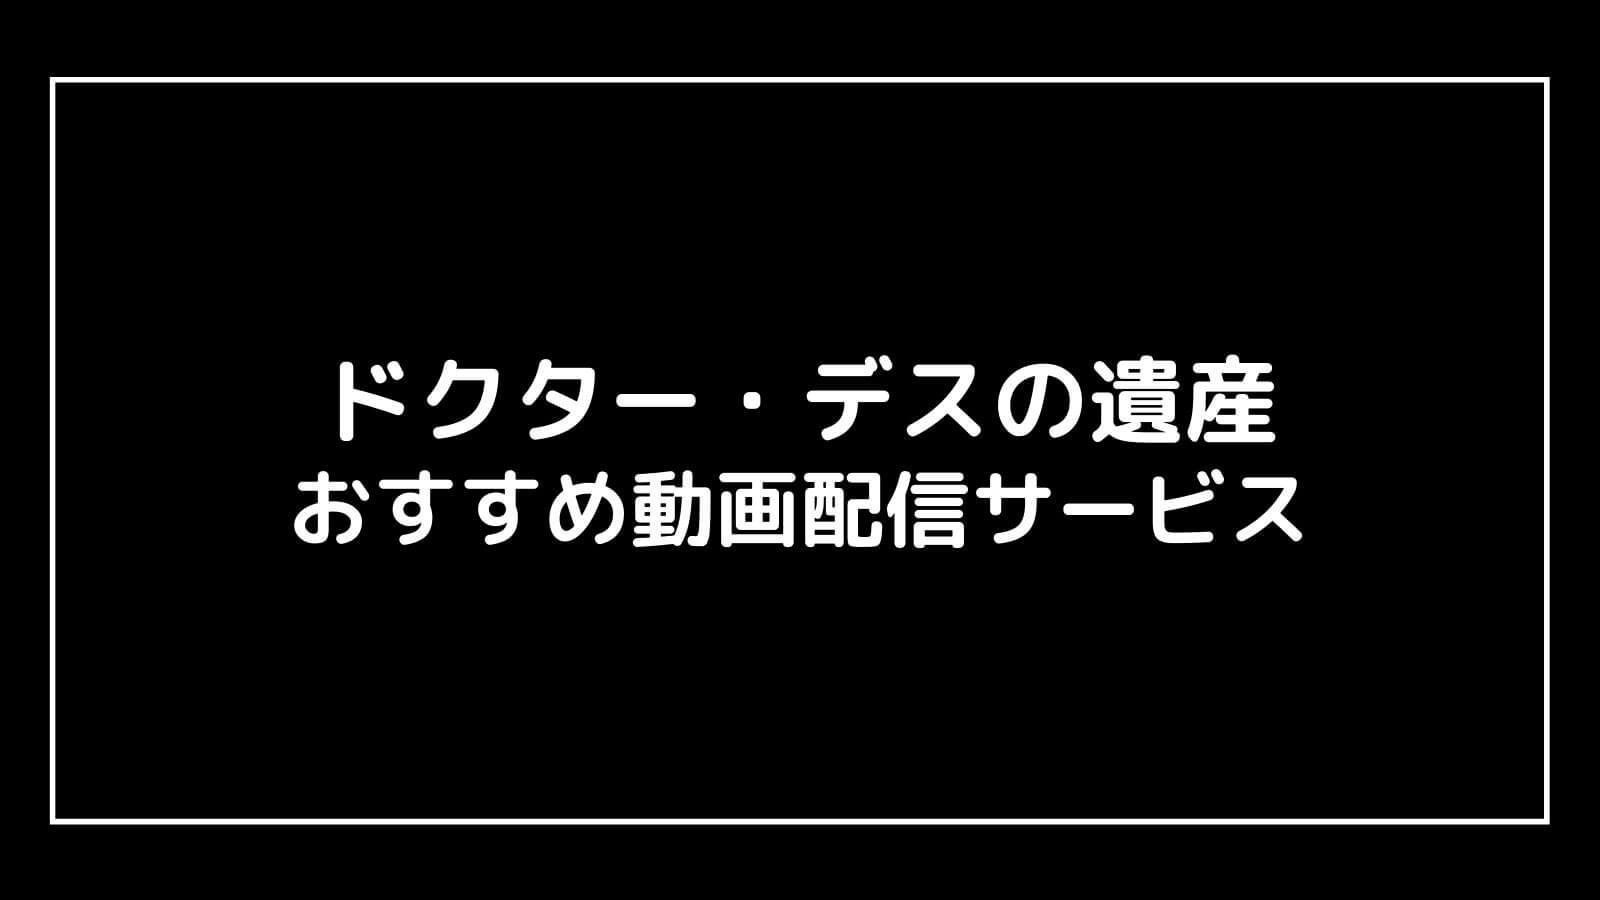 映画『ドクター・デスの遺産』を無料視聴できる動画配信サービス